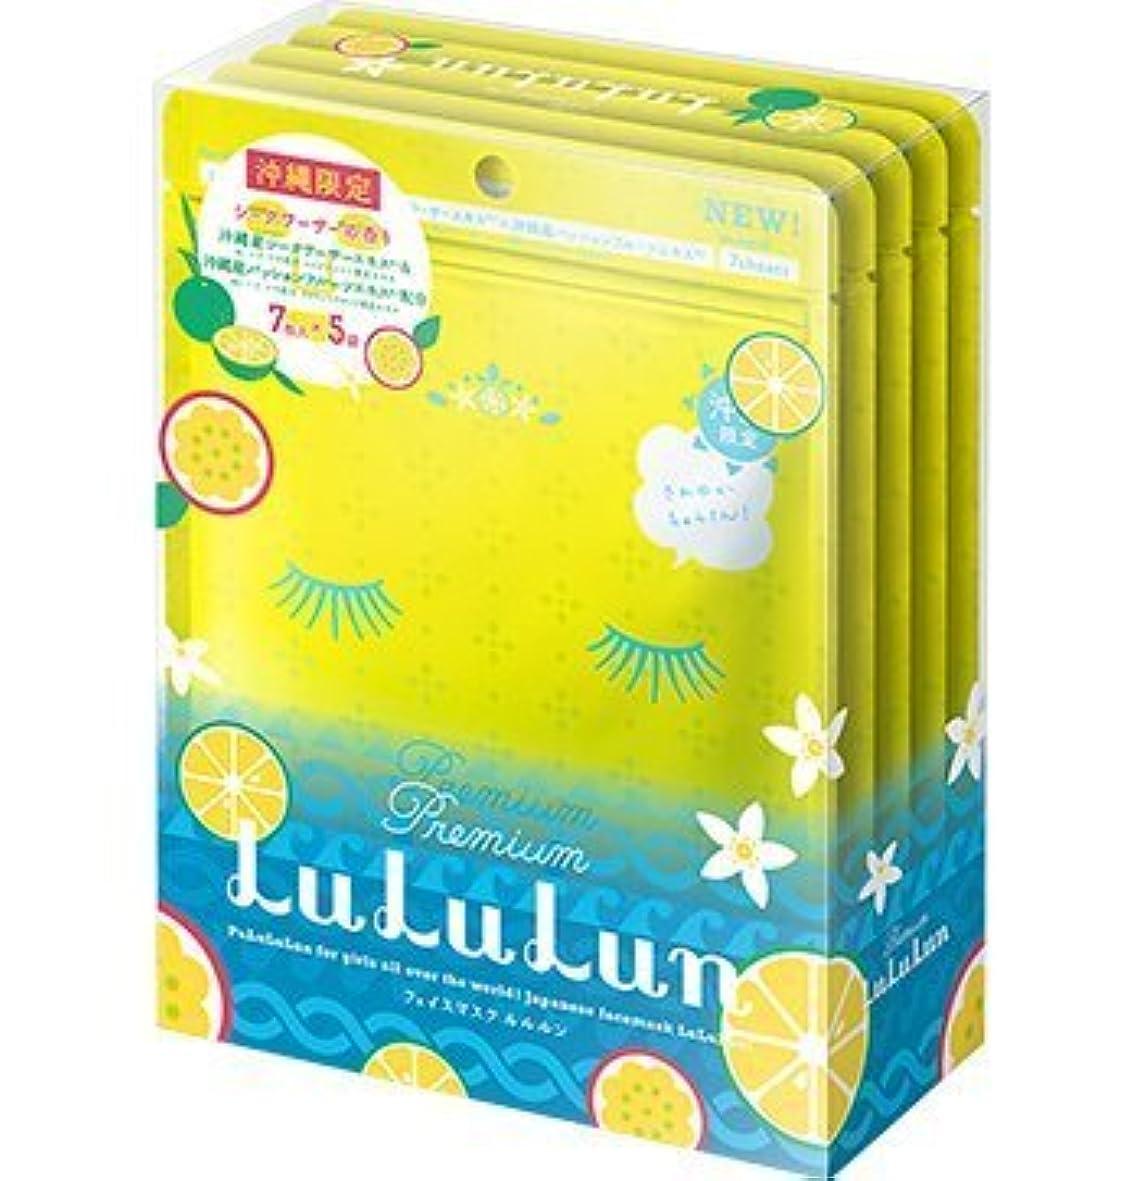 手荷物マーキー買収沖縄限定 沖縄プレミアム ルルルン LuLuLun フェイスマスク シークワーサーの香り 7枚入り×5袋